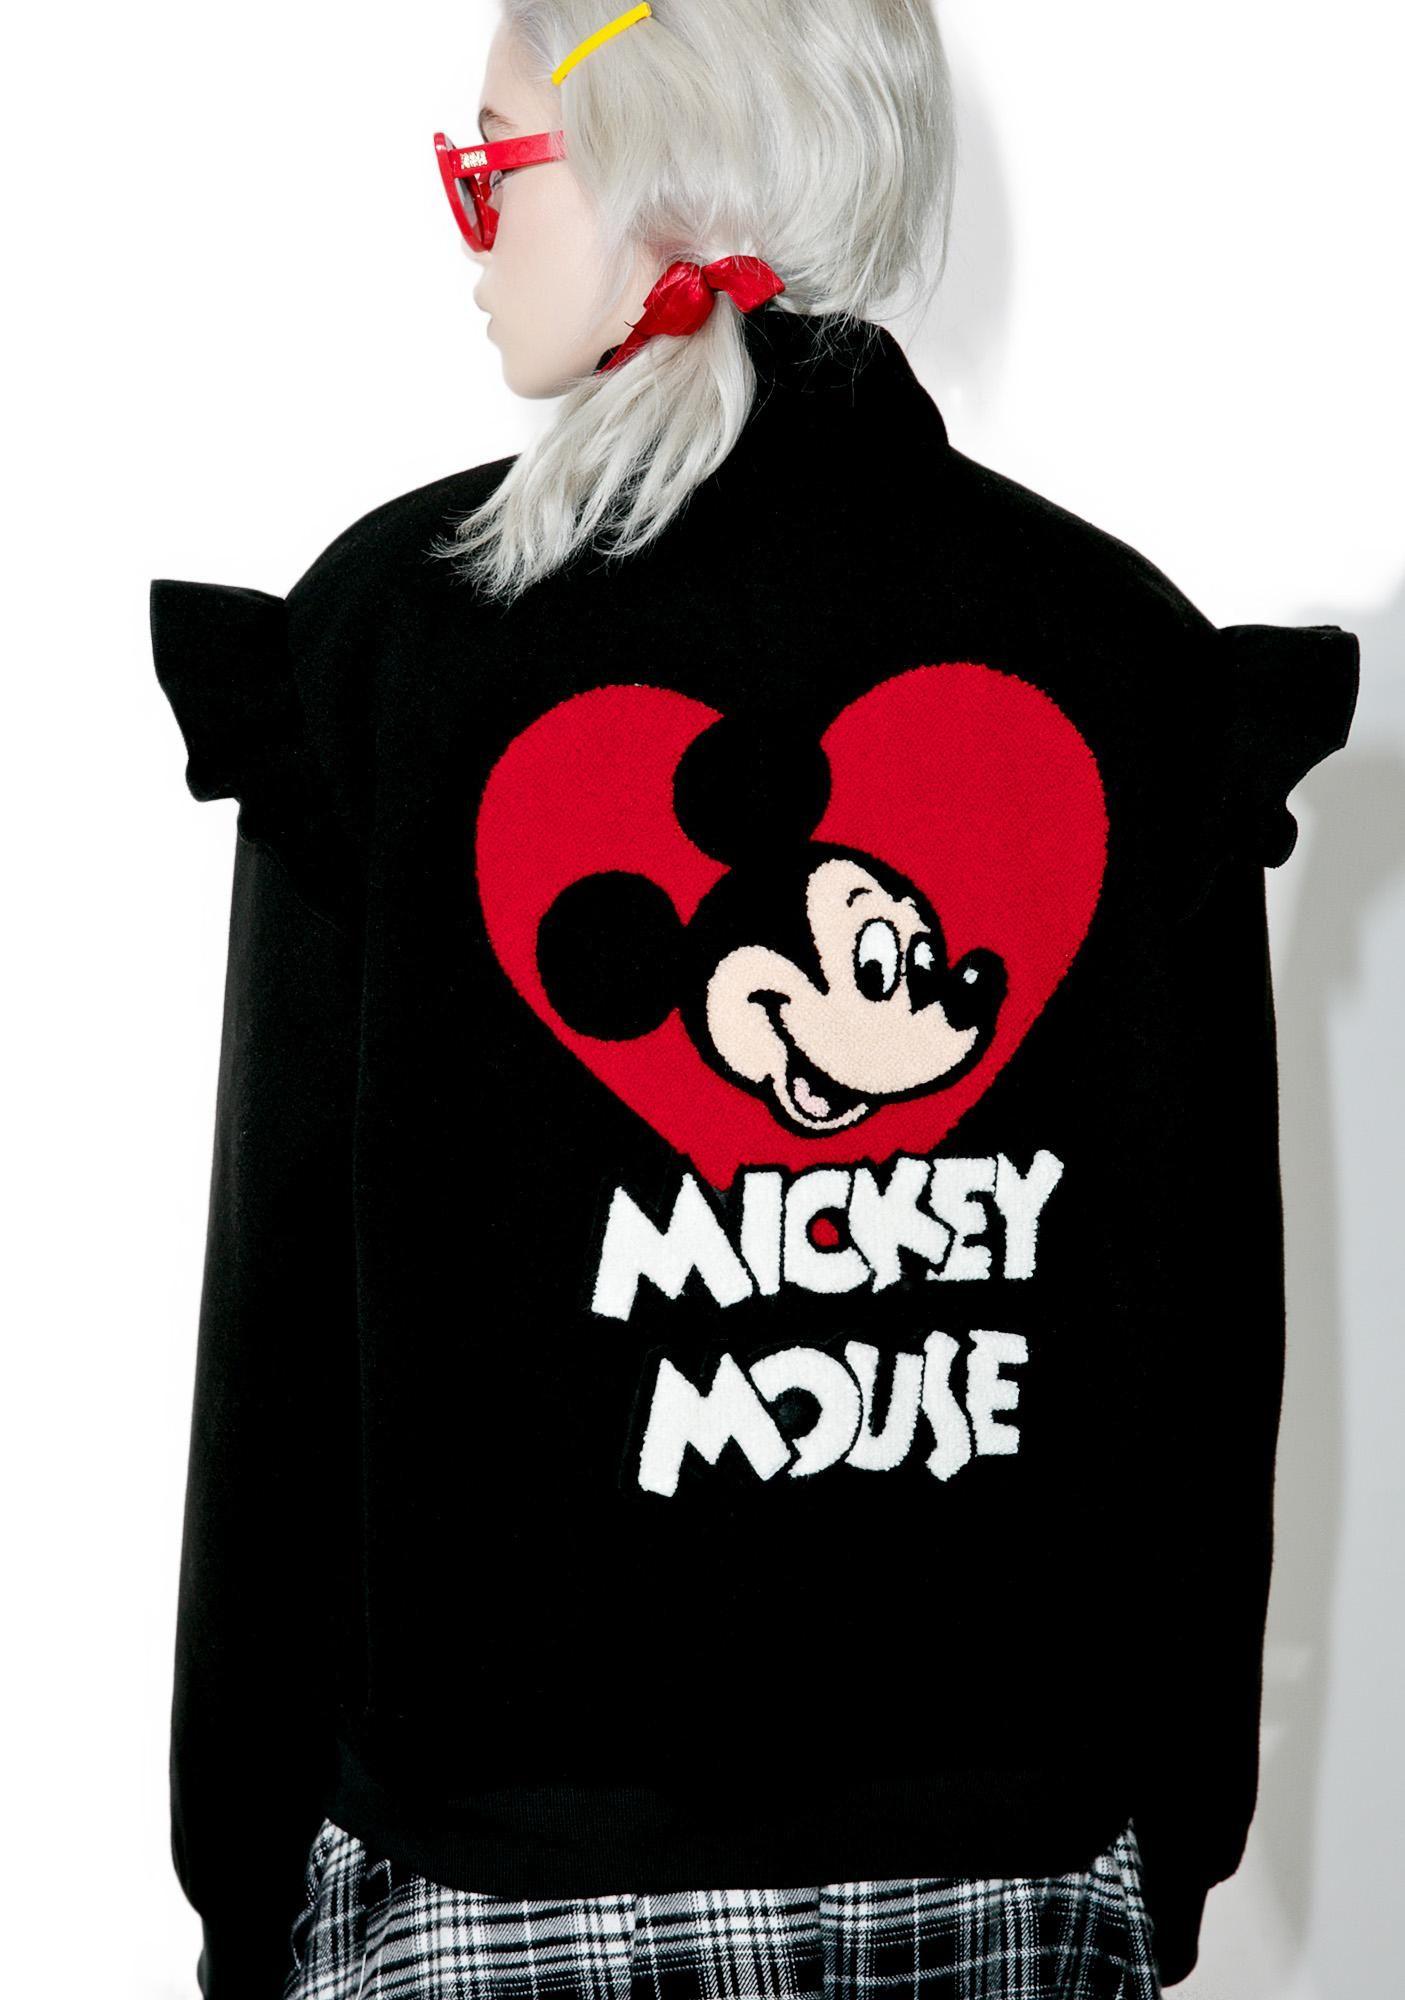 X Disney Mickey Mouse Bomber Jacket Mickey Mouse Jacket Embroidered Bomber Jacket Bomber Jacket [ 2000 x 1405 Pixel ]